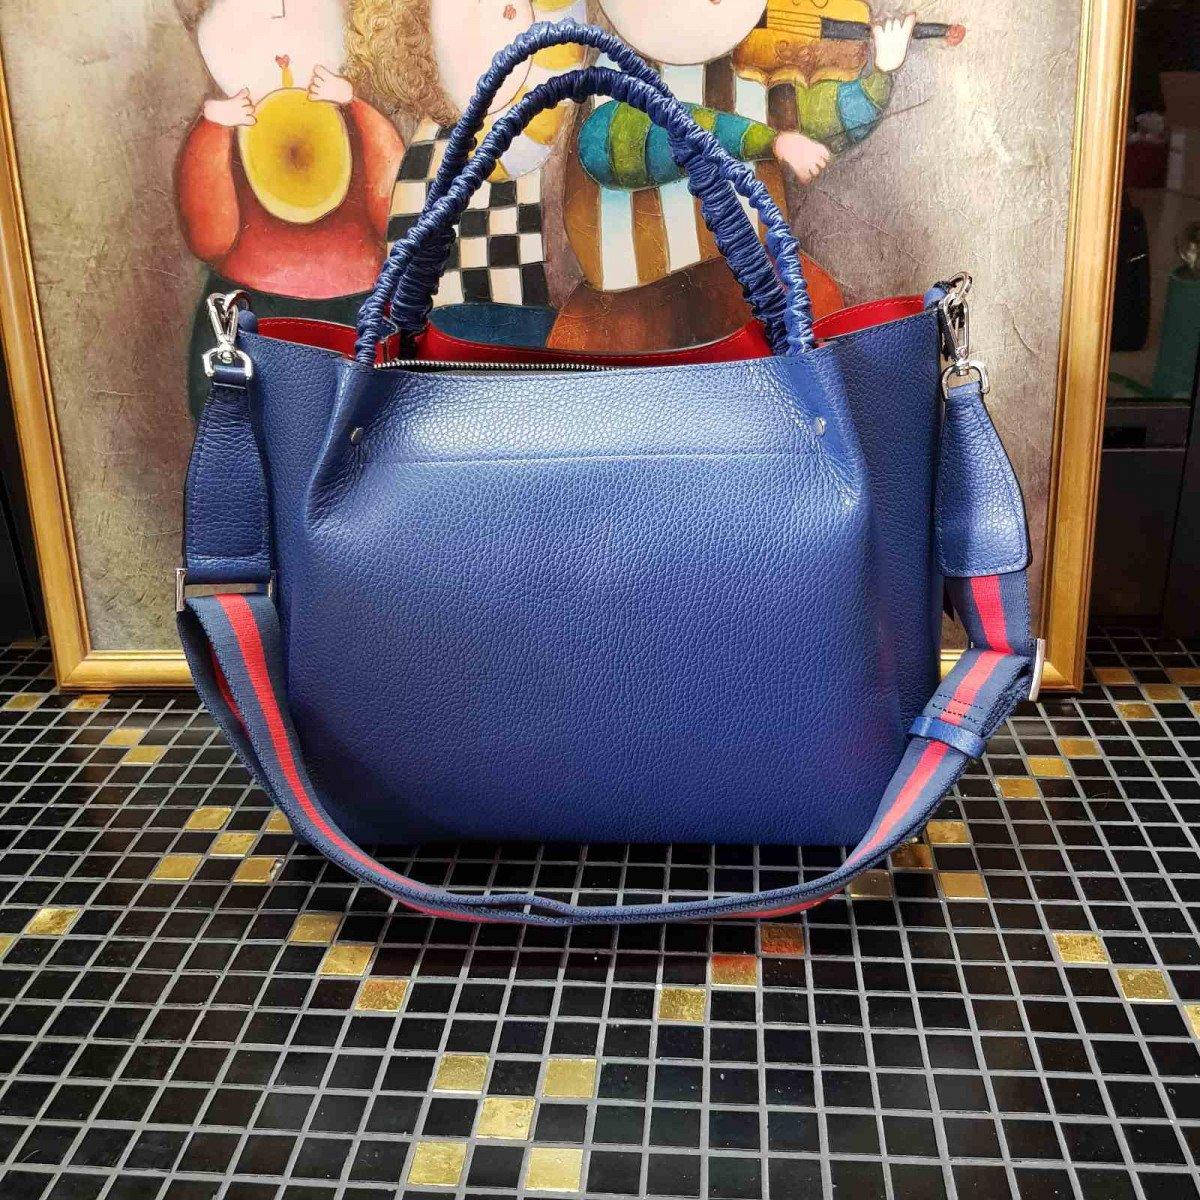 Кожаная женская сумка Tosca Blu TS20NB120 blue из натуральной кожи